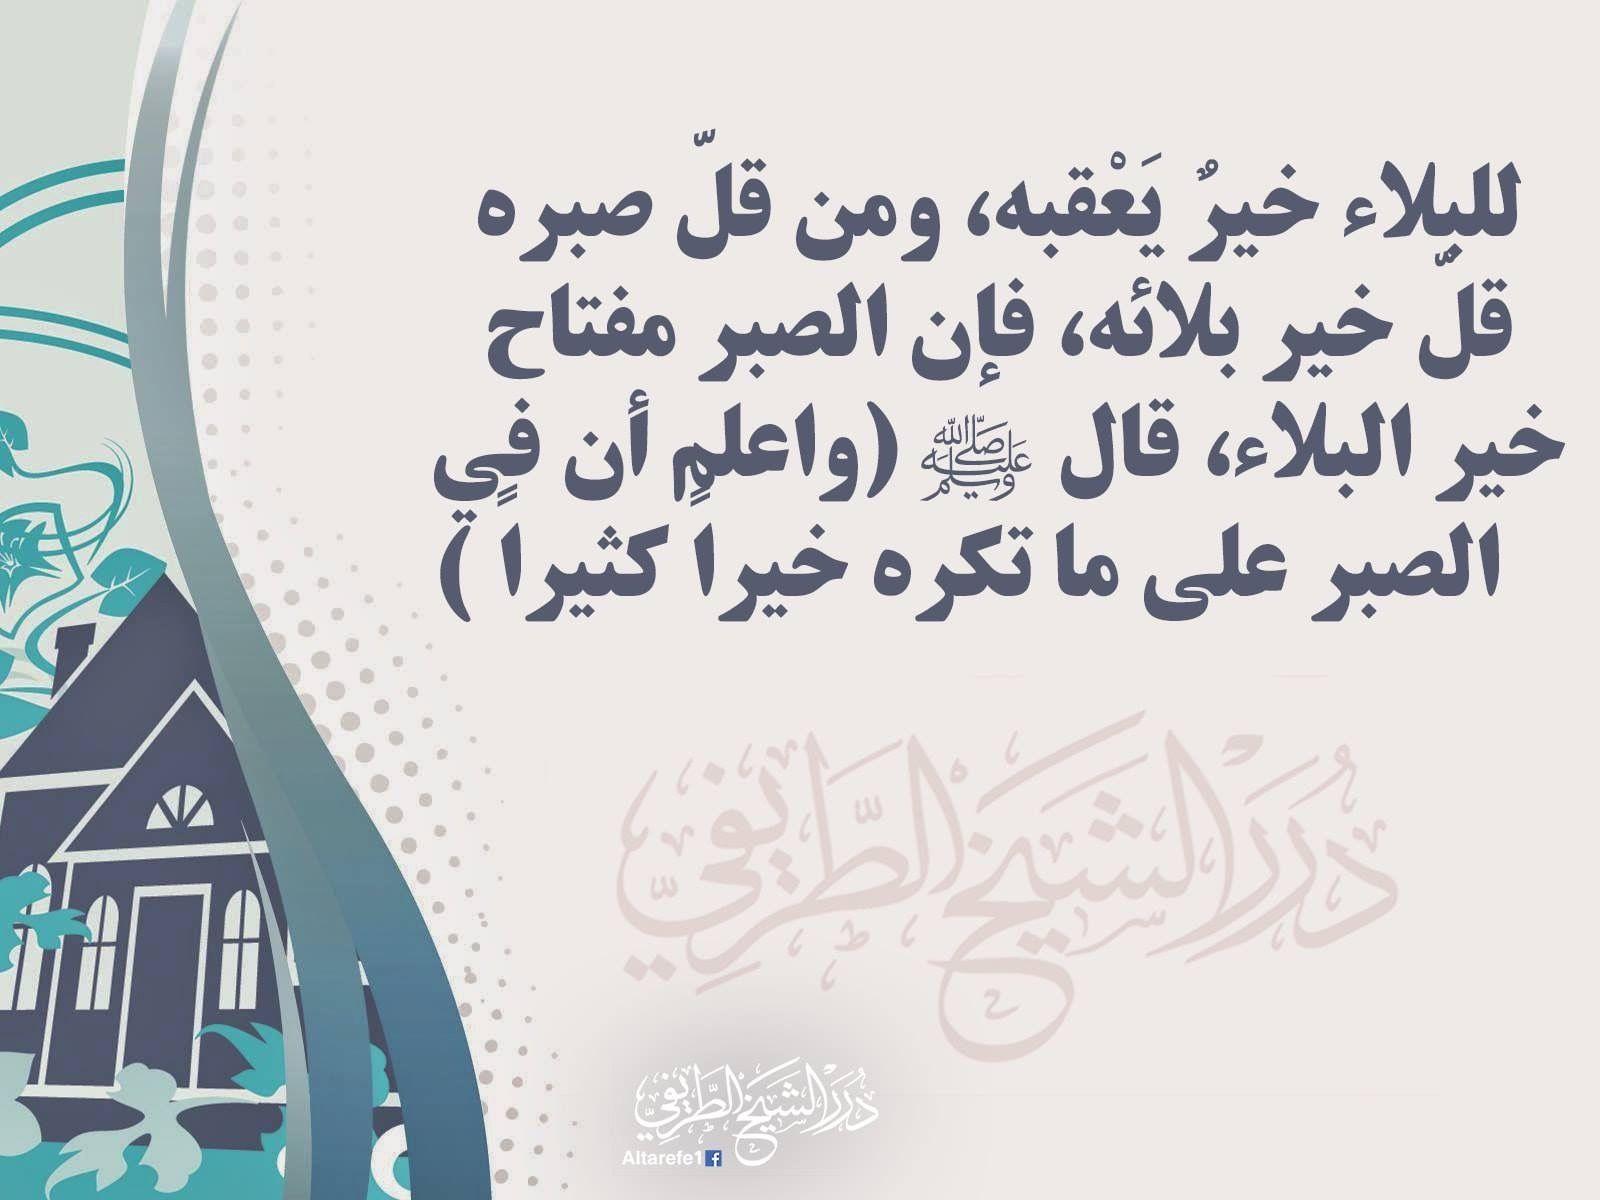 حالات عن الصبر والضيق وتحمل البلاء لكل من يشعر بهم وحزن Islam Facts Arabic Calligraphy Facts